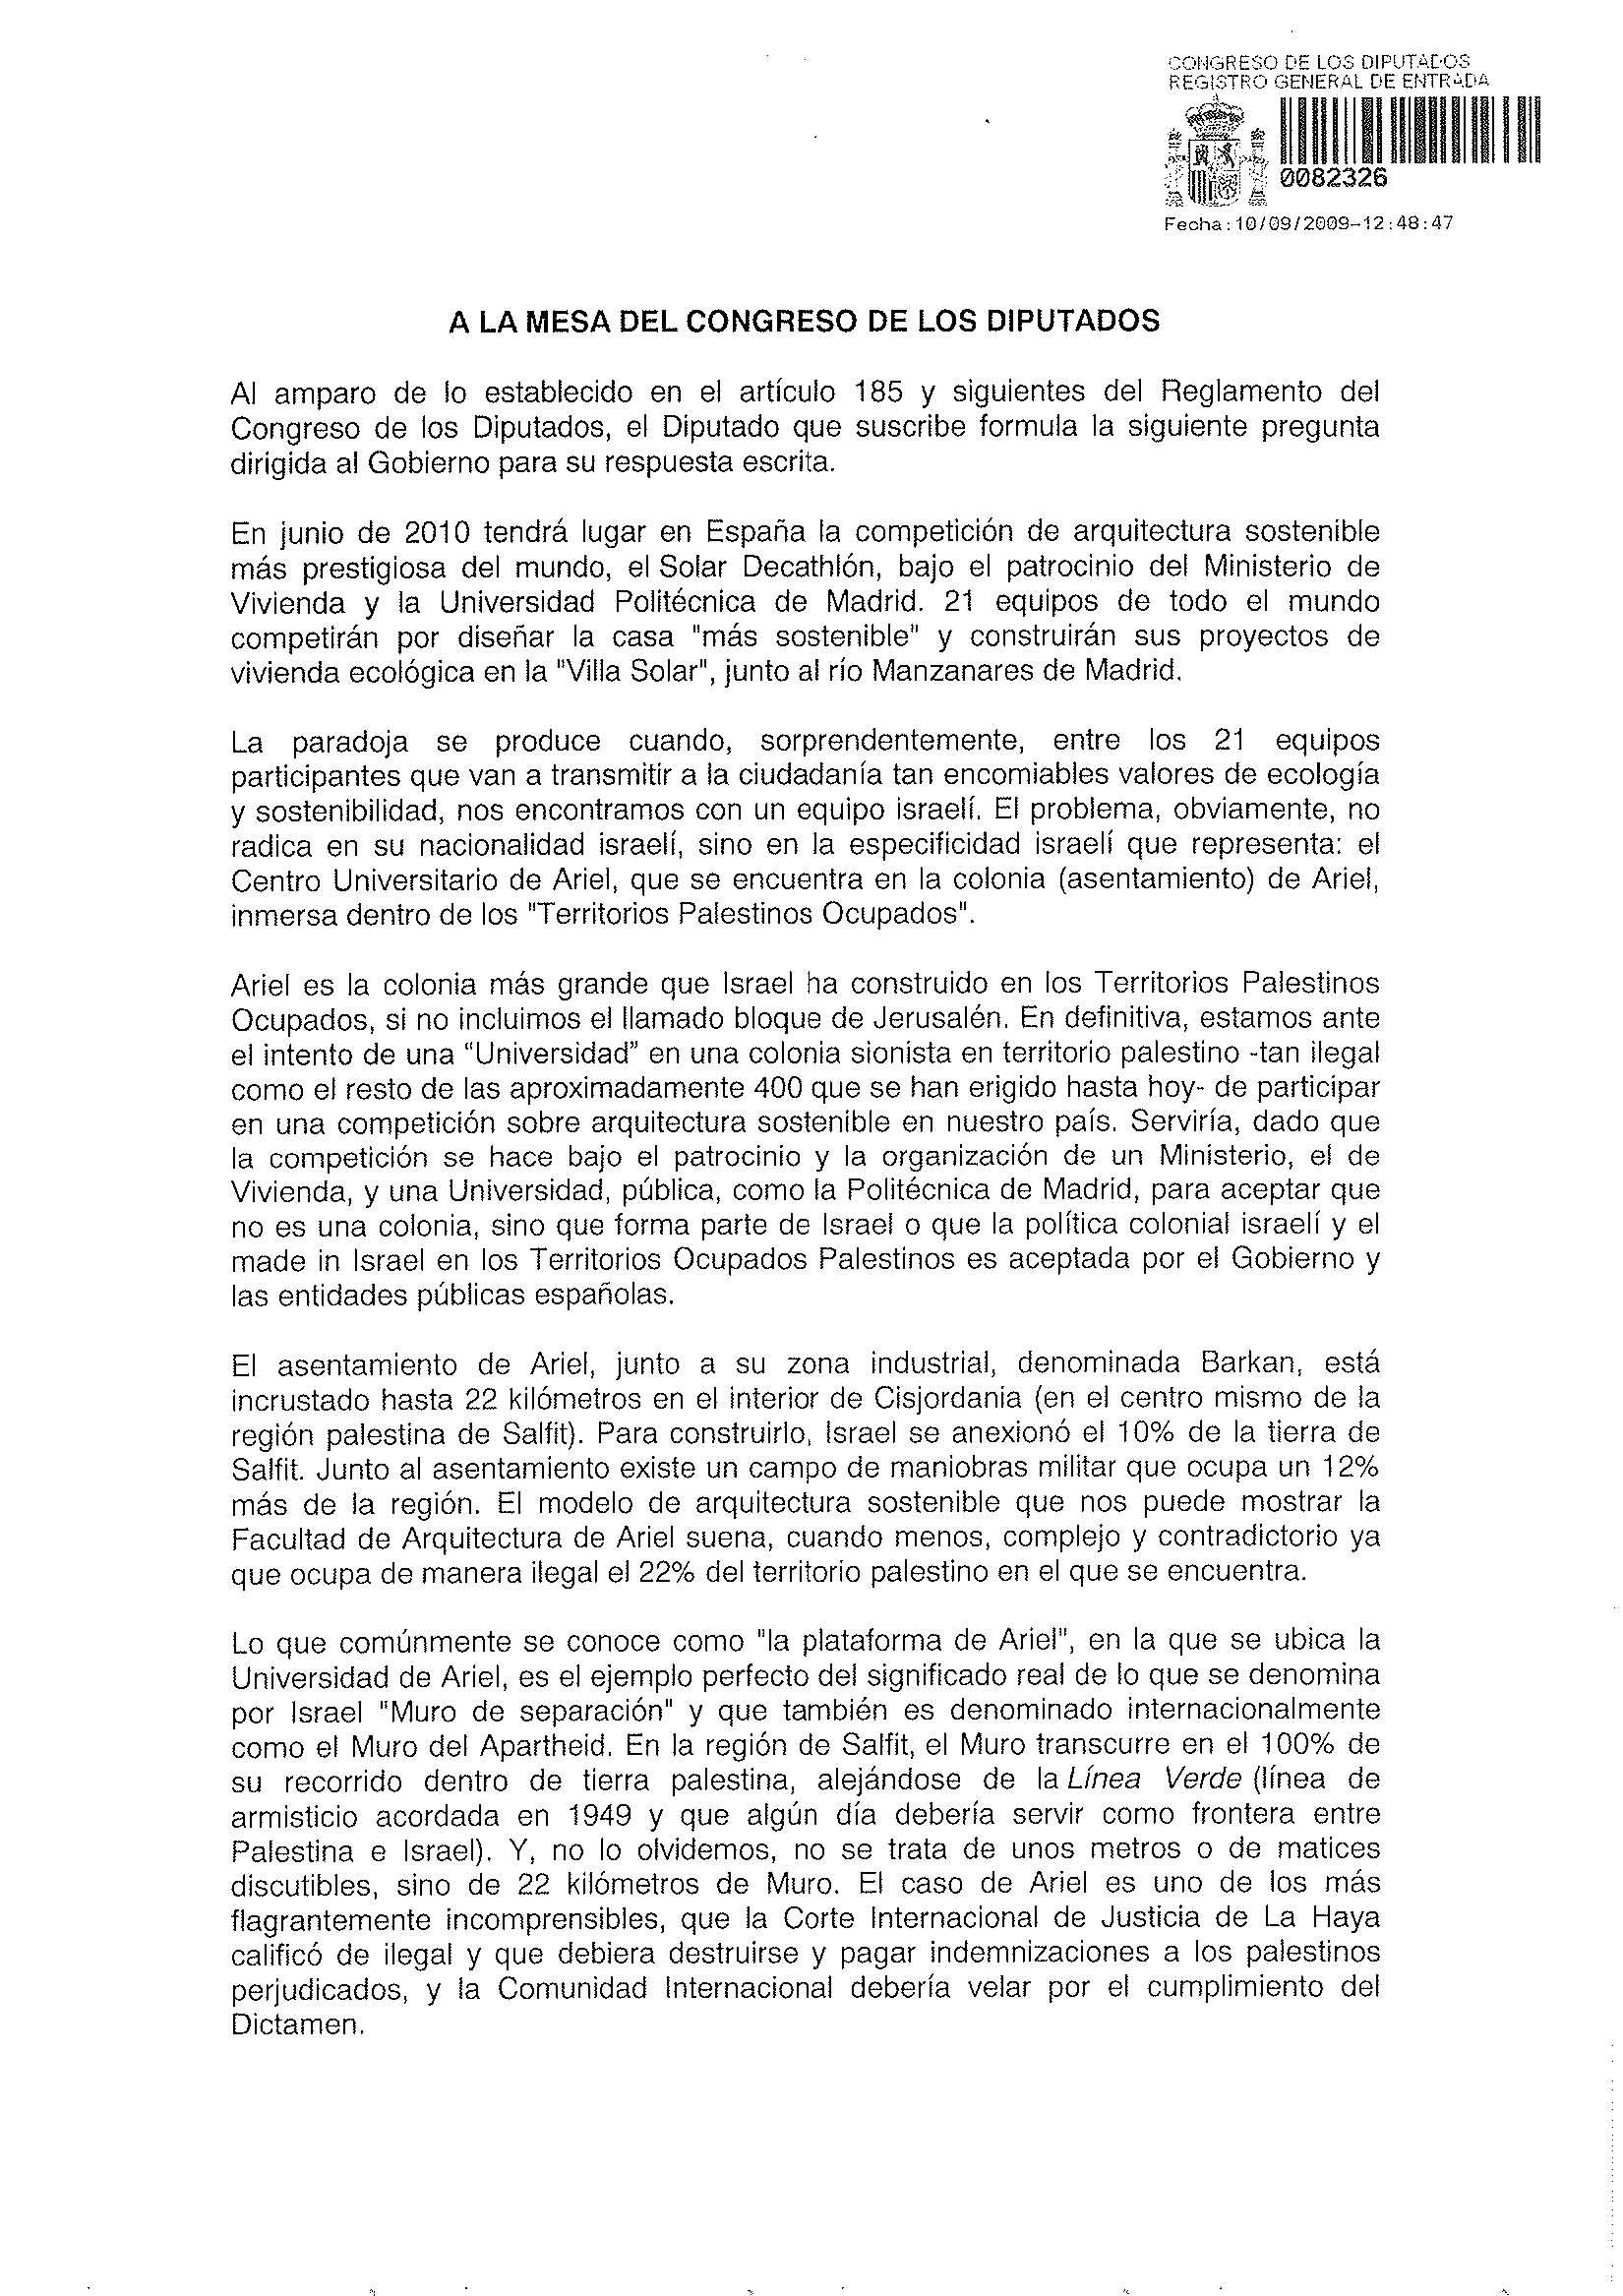 Pregunta parlamentaria_Page_1